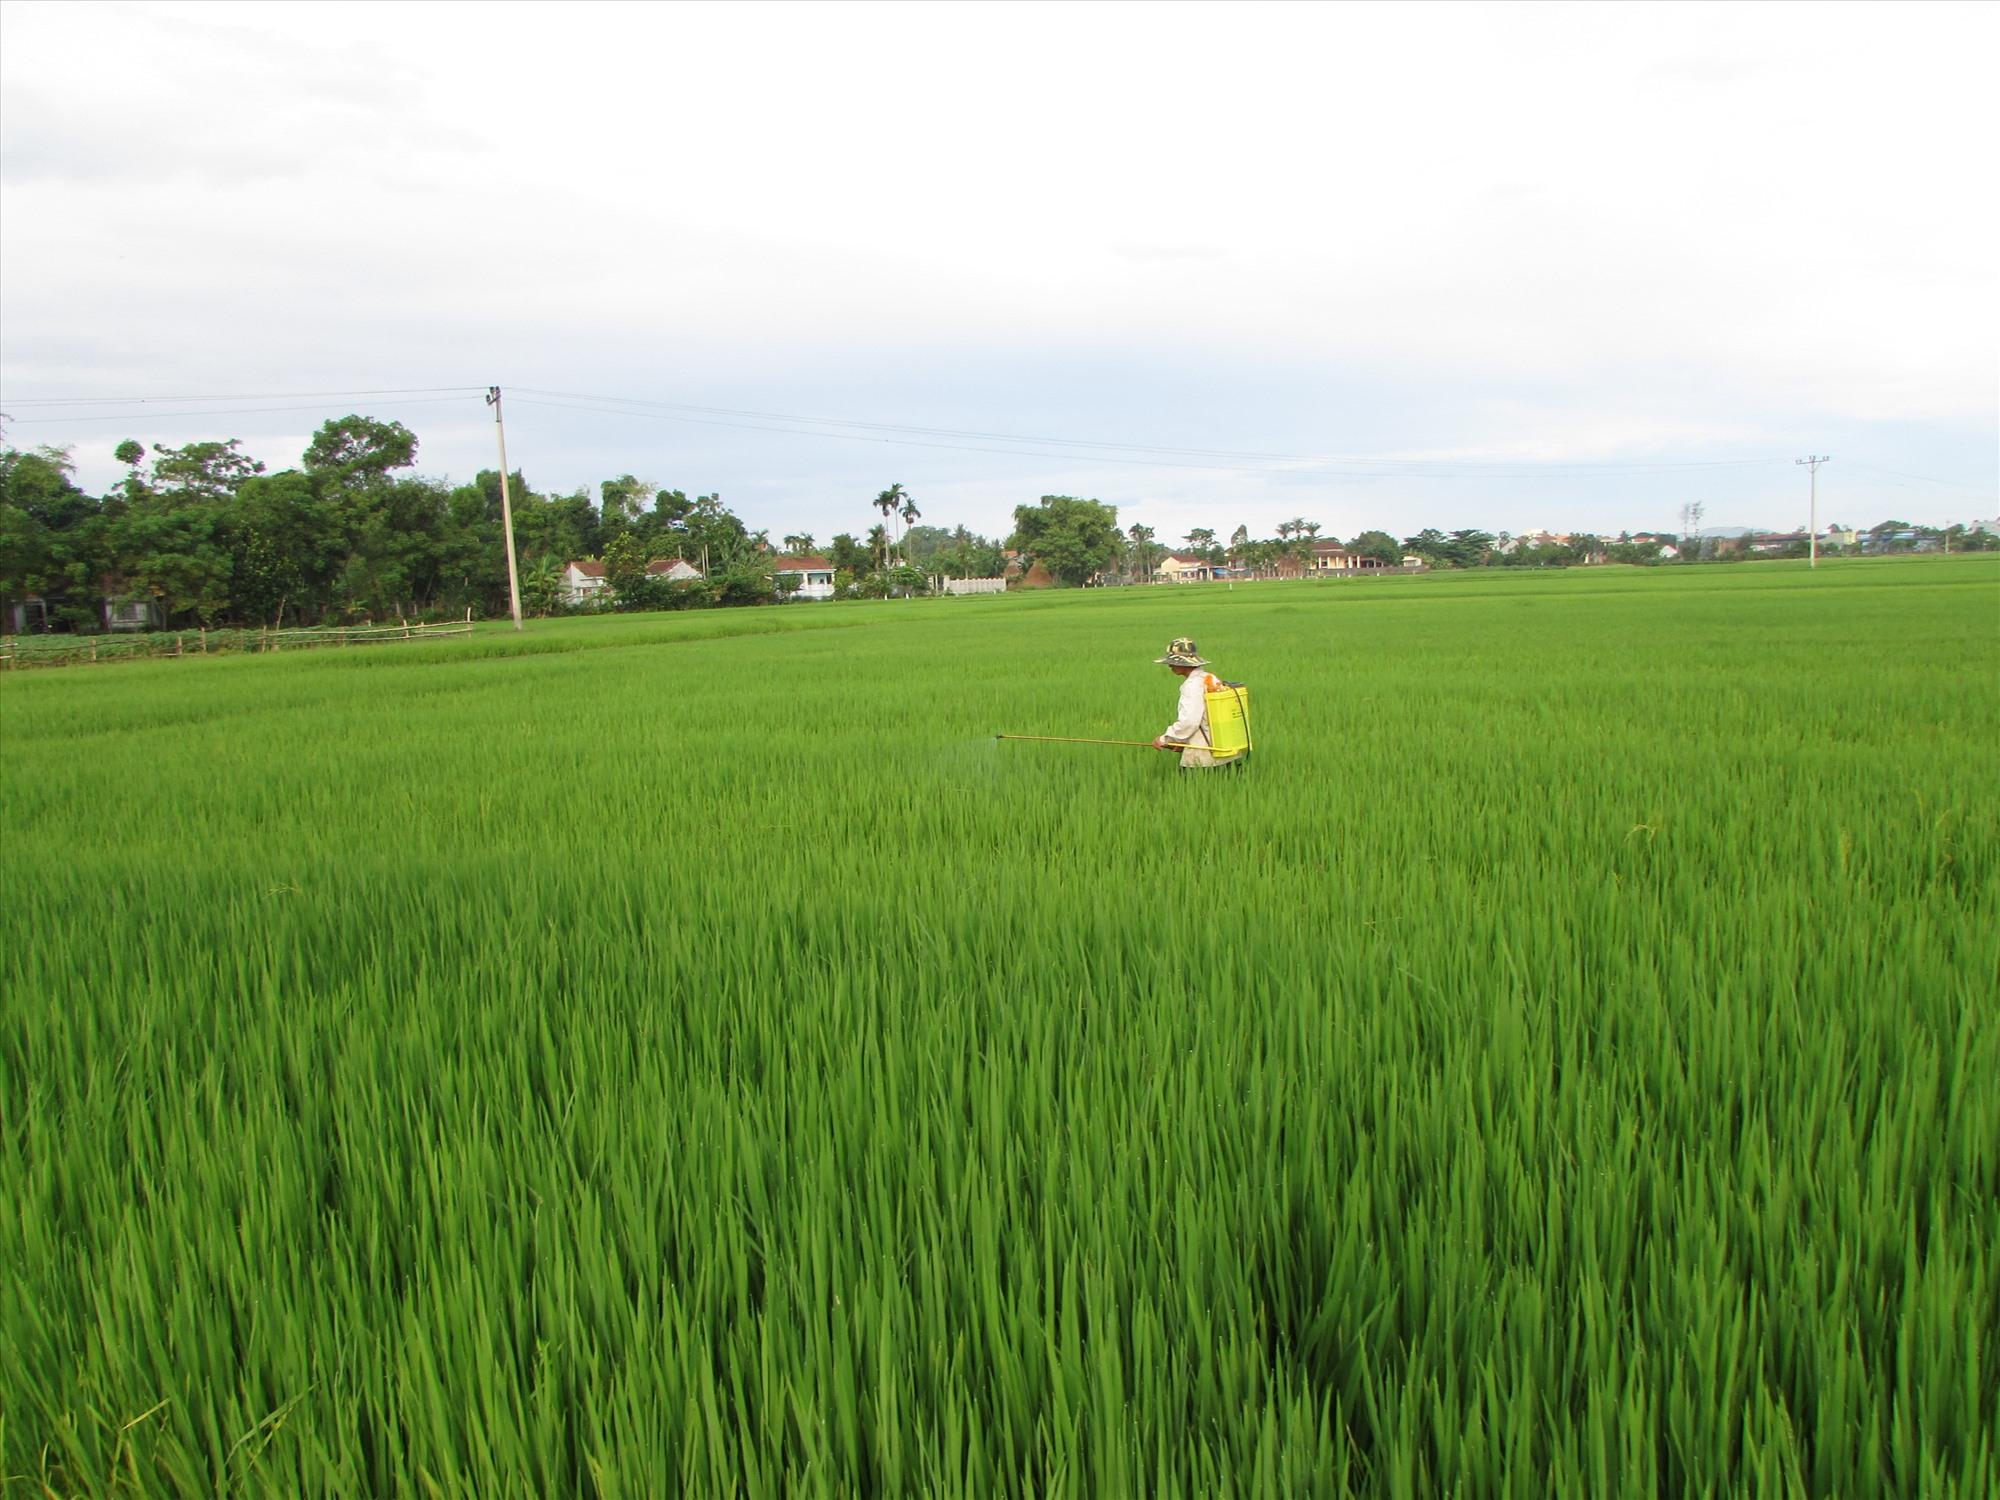 Nông dân phòng trừ sâu bệnh hại lúa đông xuân ở Núi Thành. Ảnh: VĂN PHIN